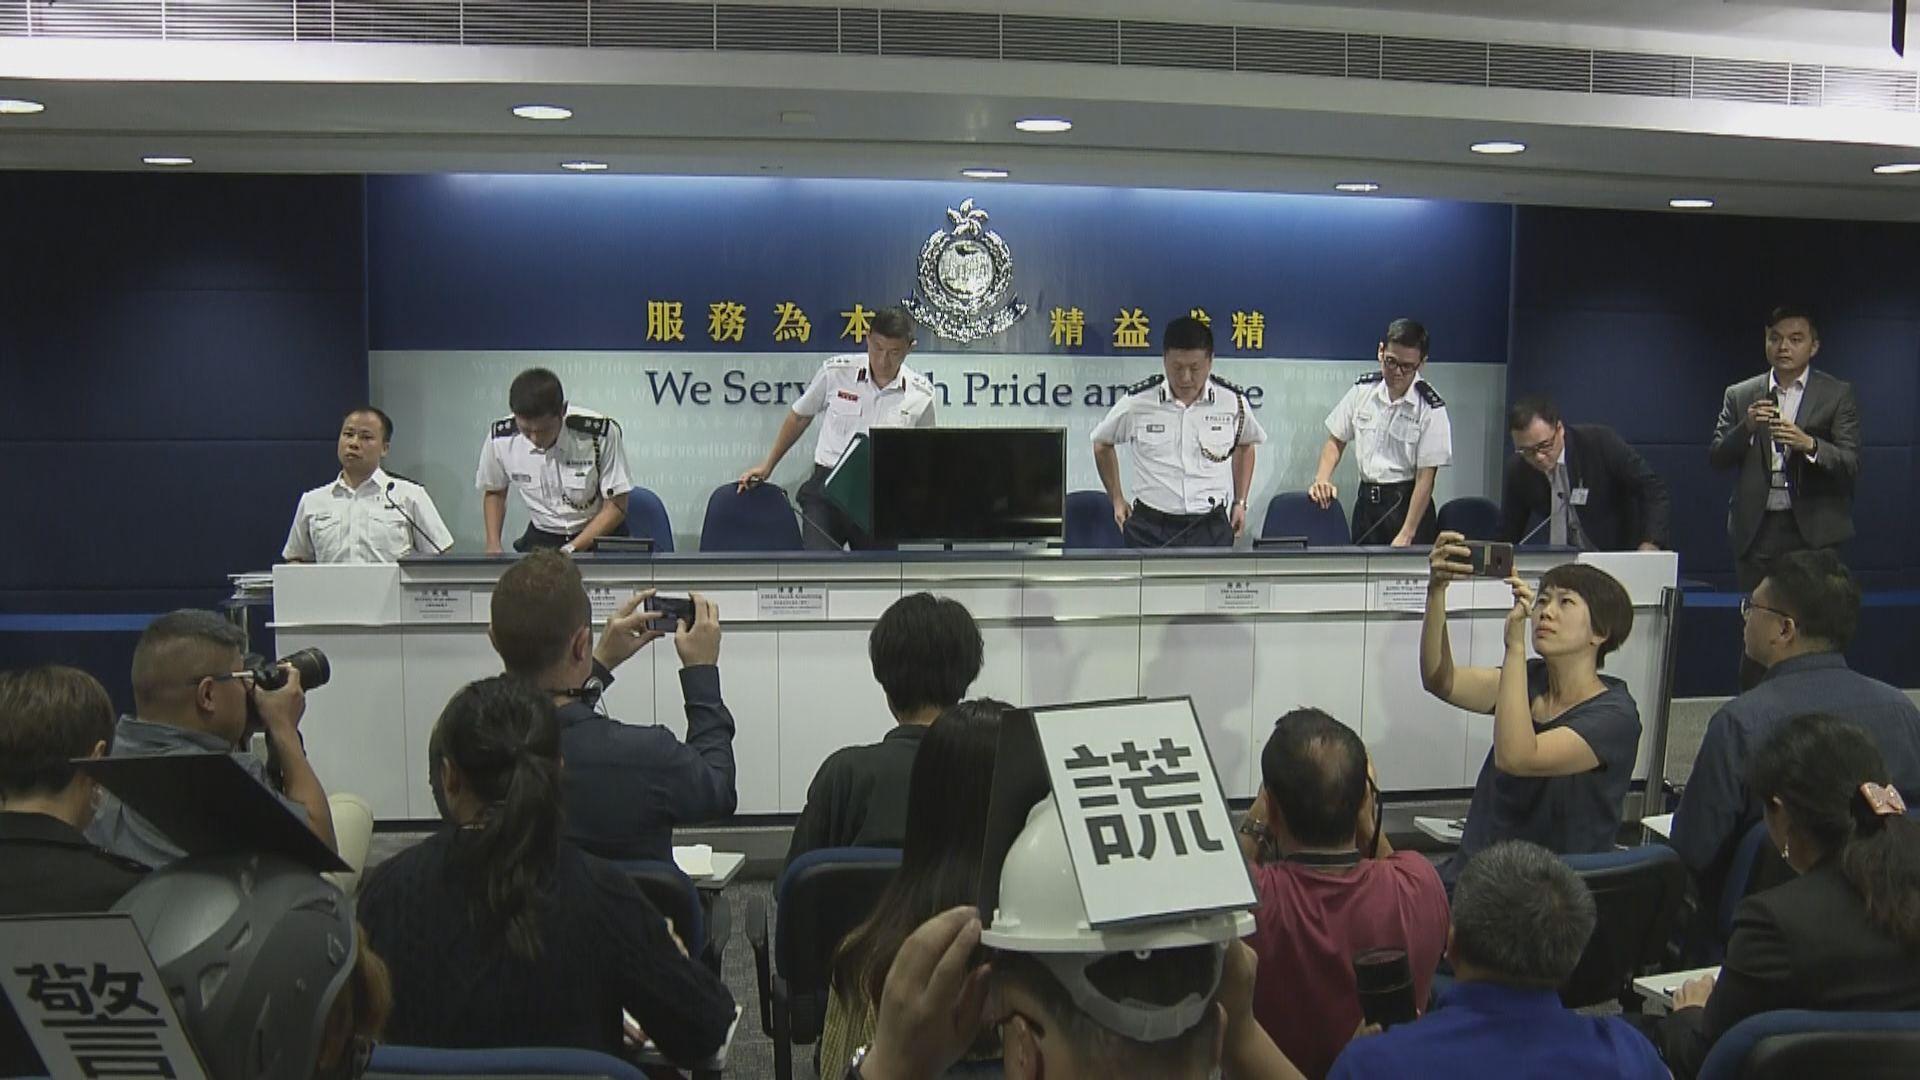 警方取消記者會 改用社交媒體發布訊息